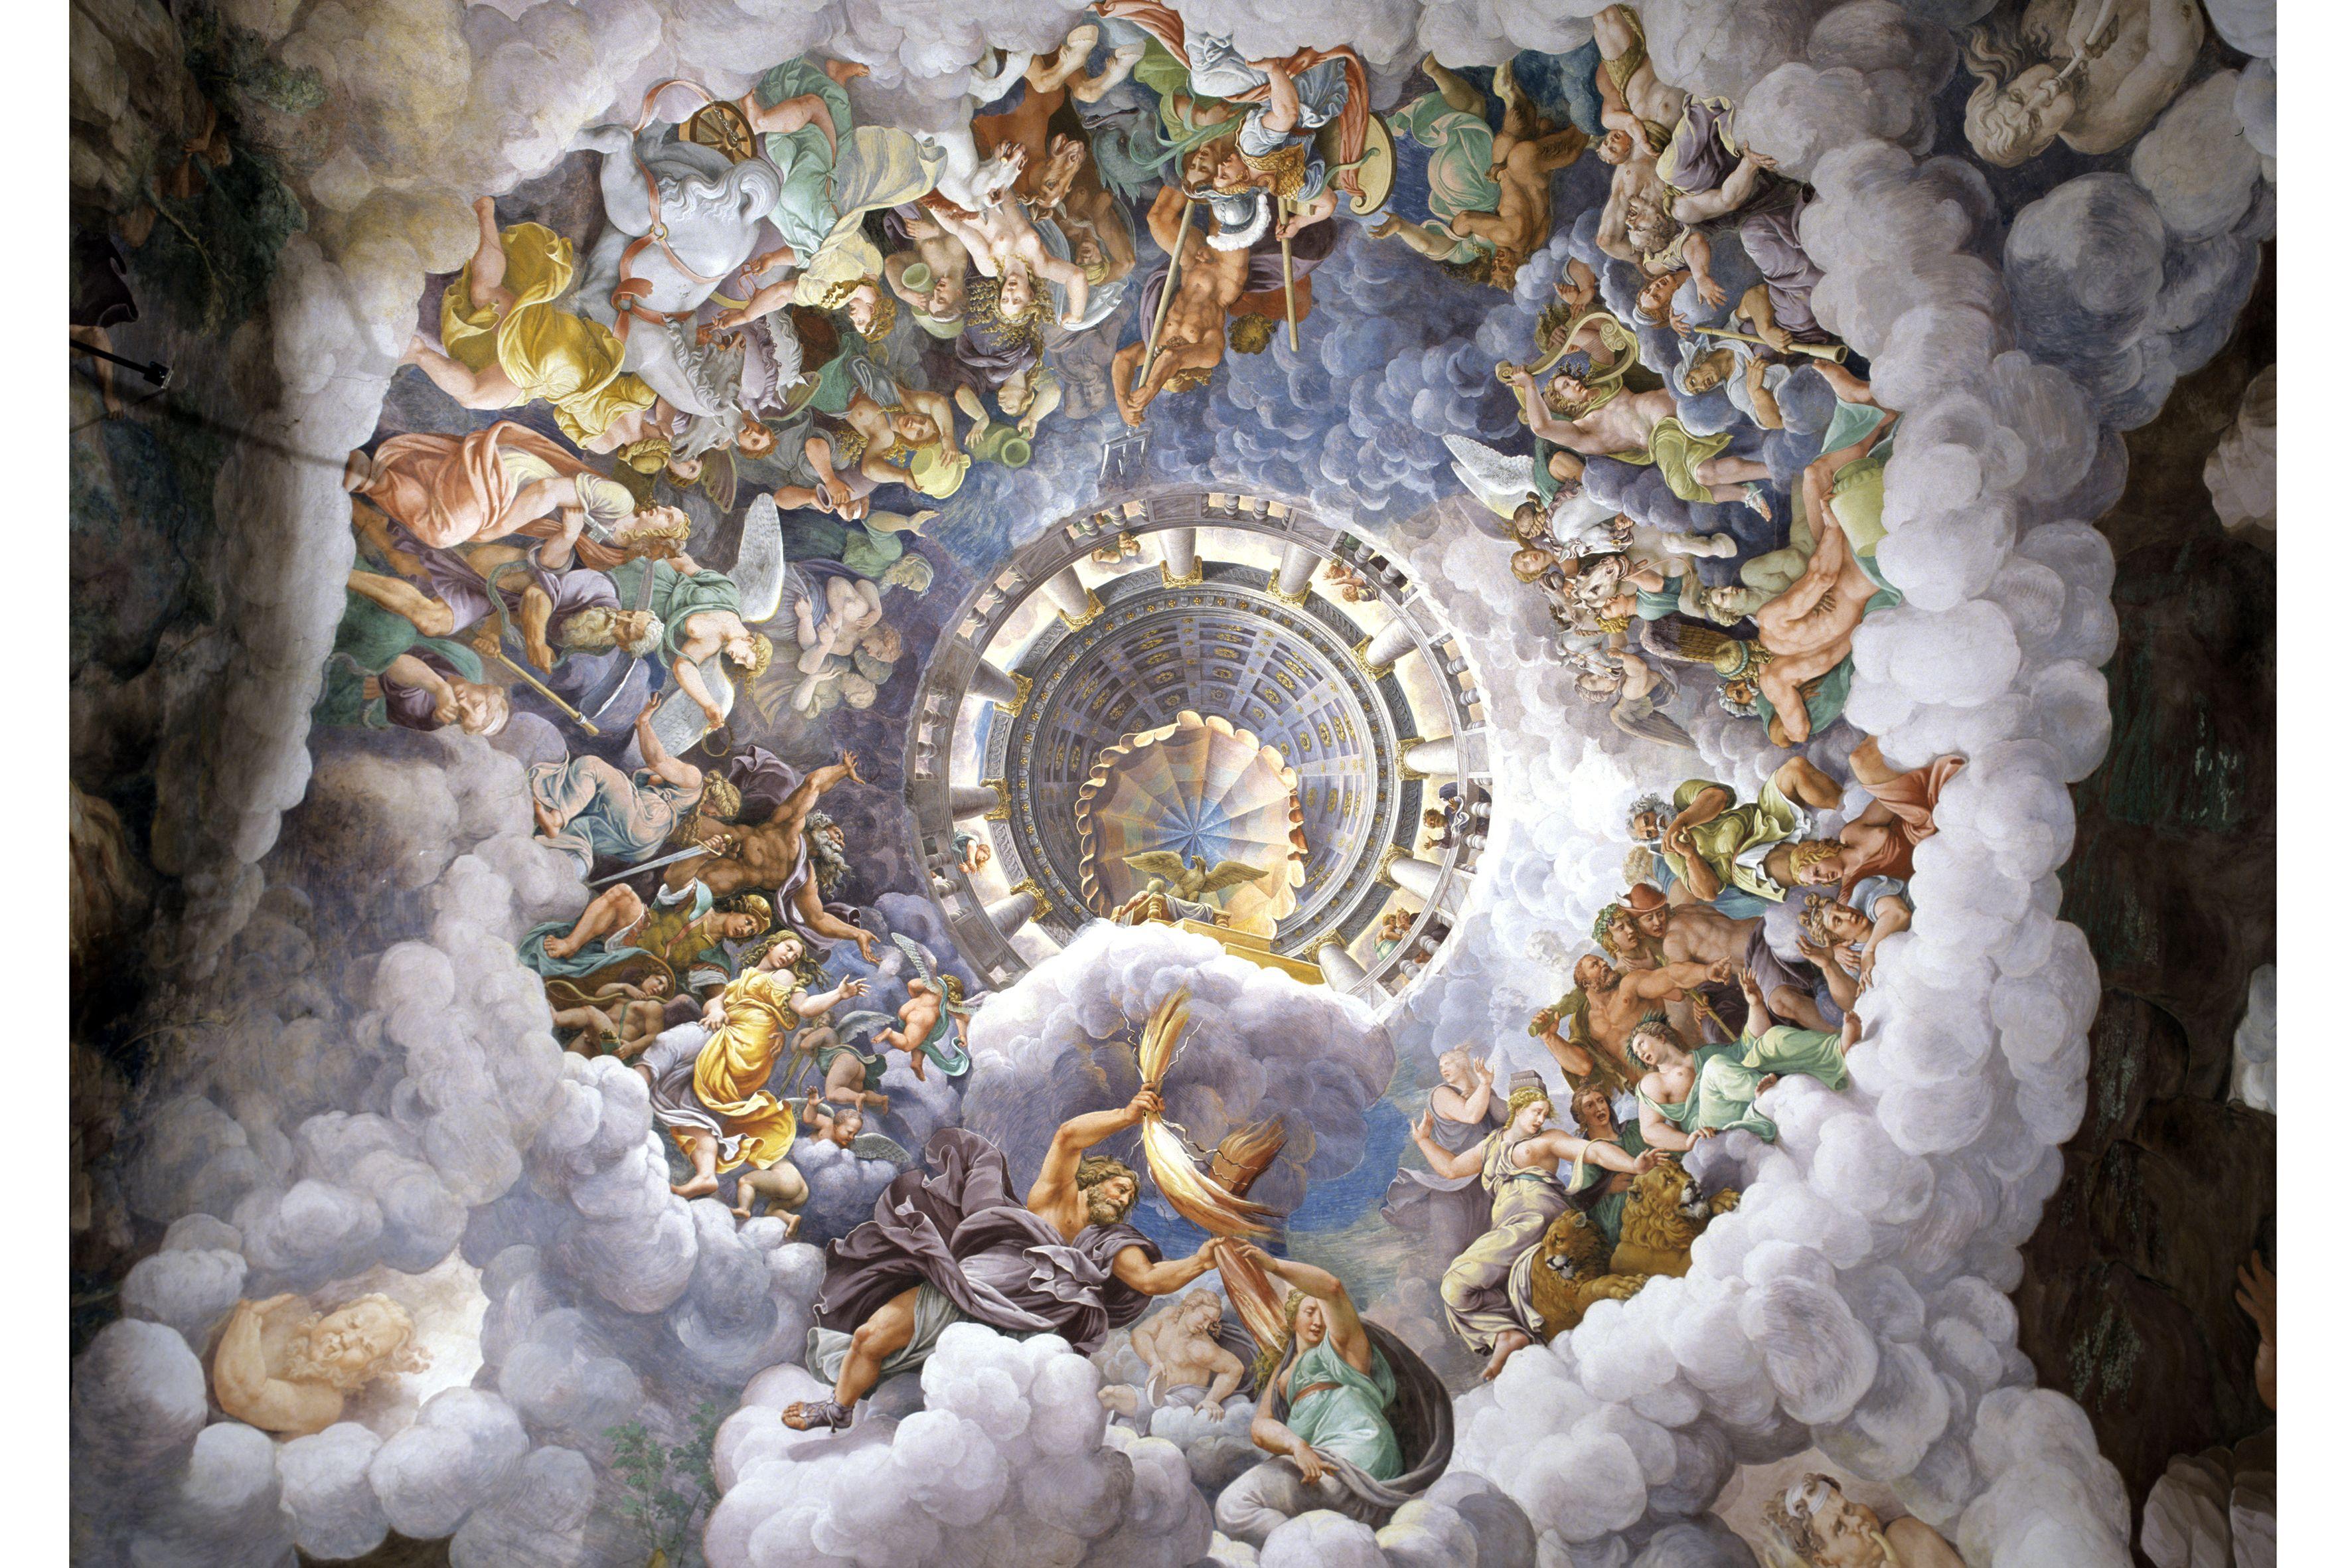 Palazzo te giulio romano camera dei giganti foto di for Camera dei